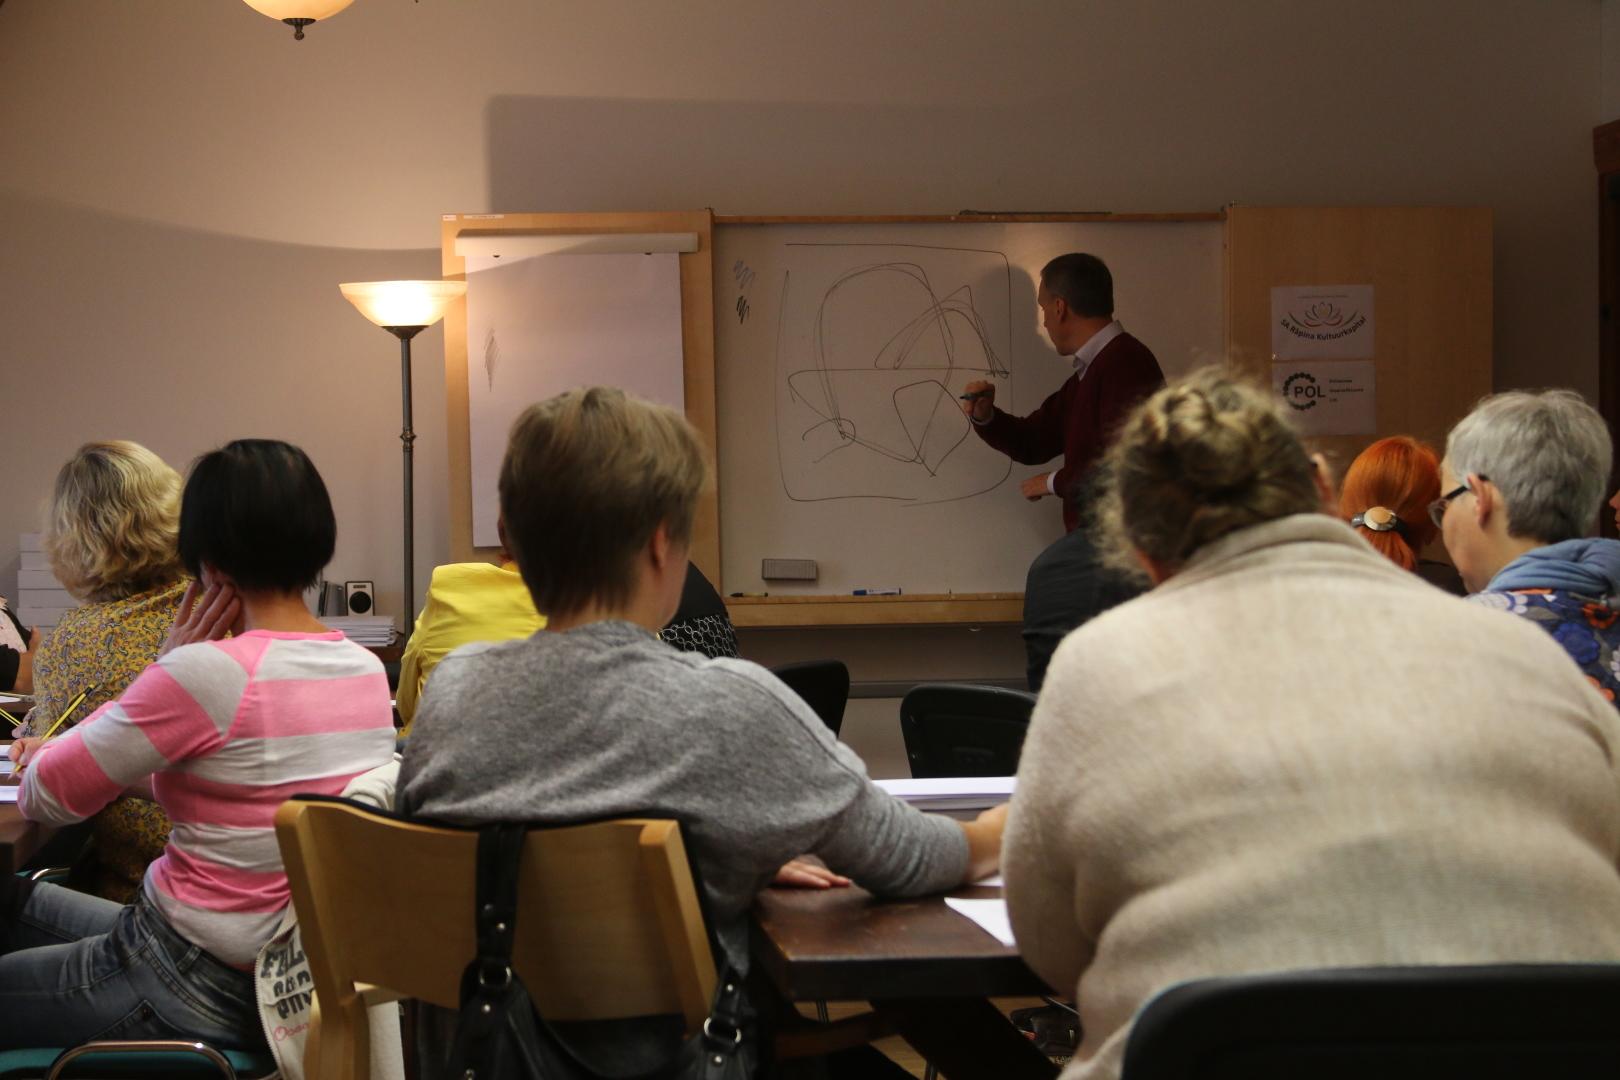 Kujutava kunsti alused Põlvamaa kunstiõpetajatele ja kunstnikele.